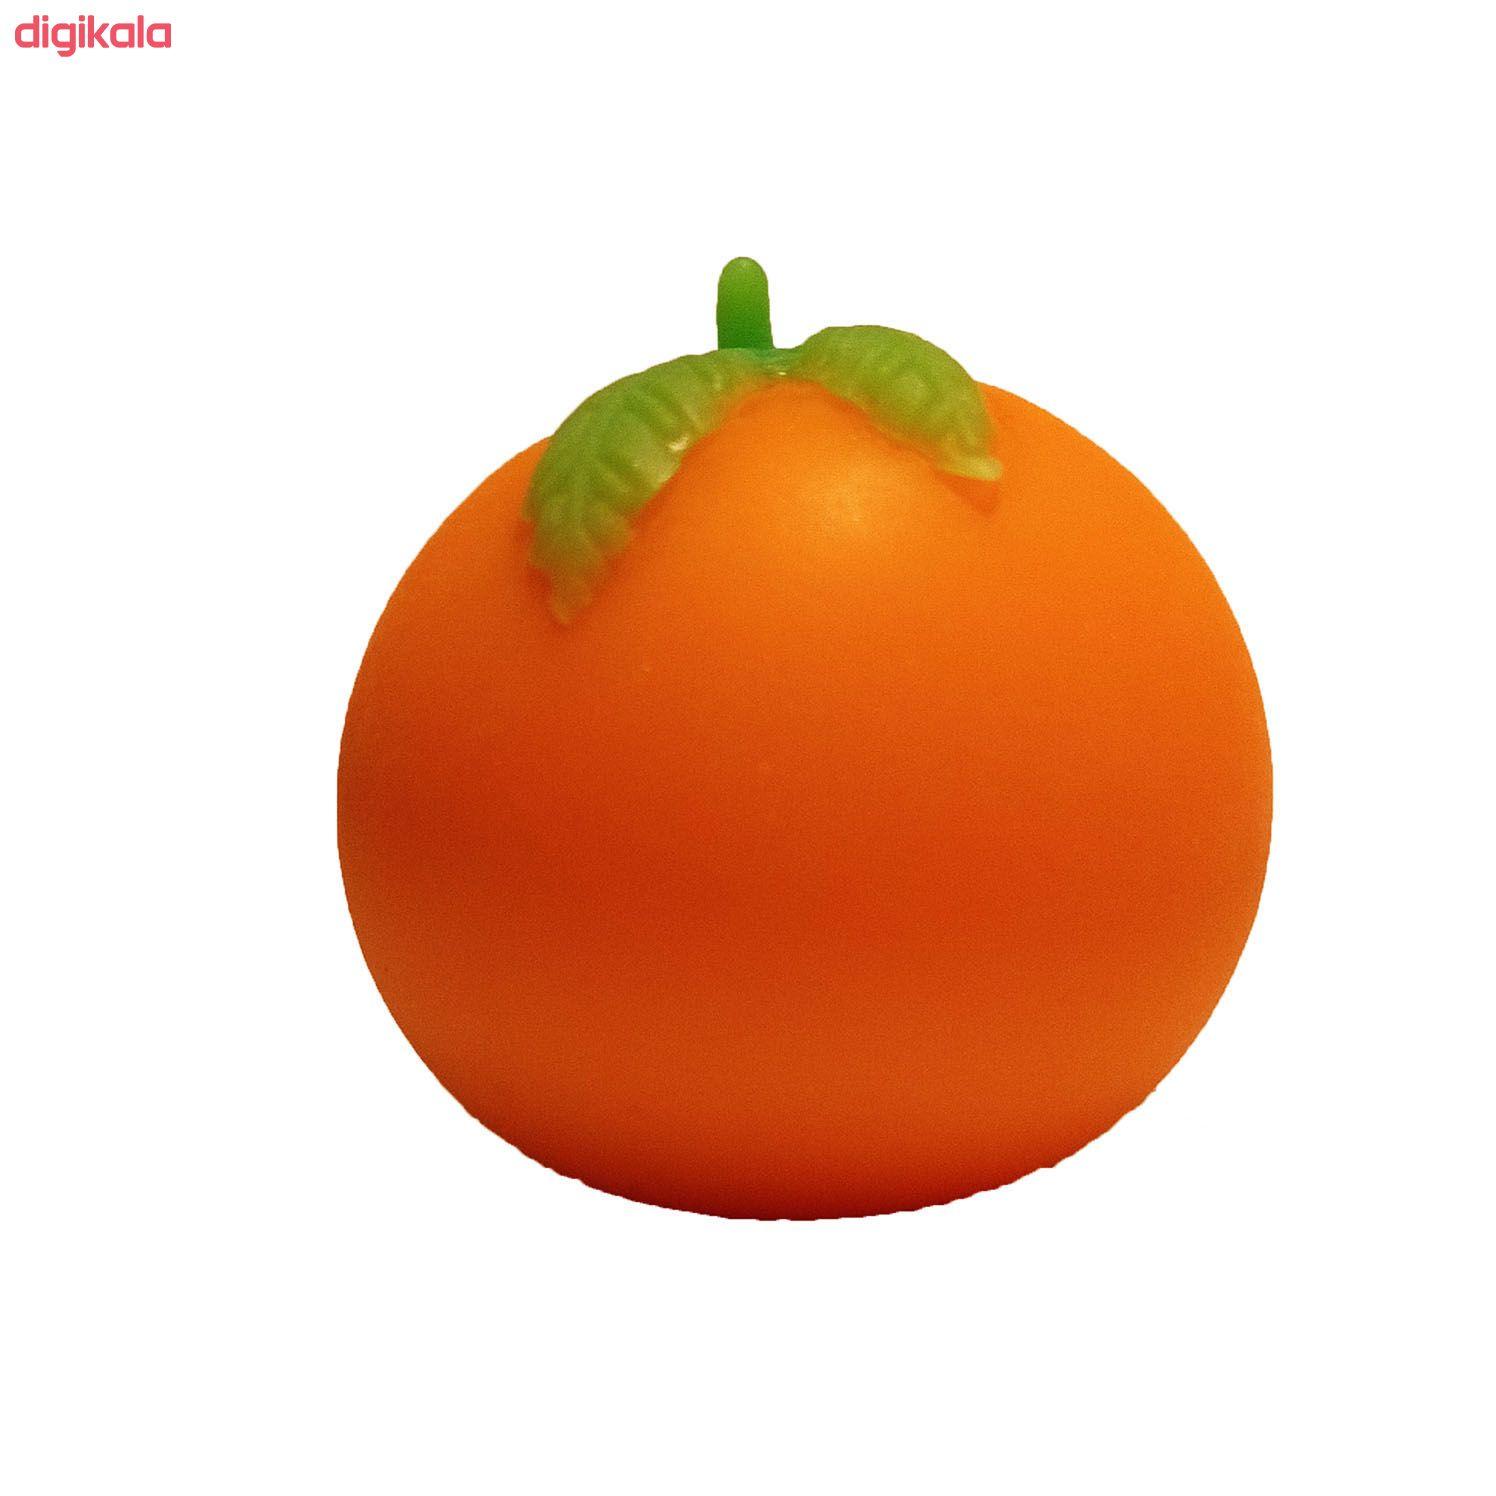 فیجت ضد استرس طرح پرتقال مدل pnd1013 main 1 1